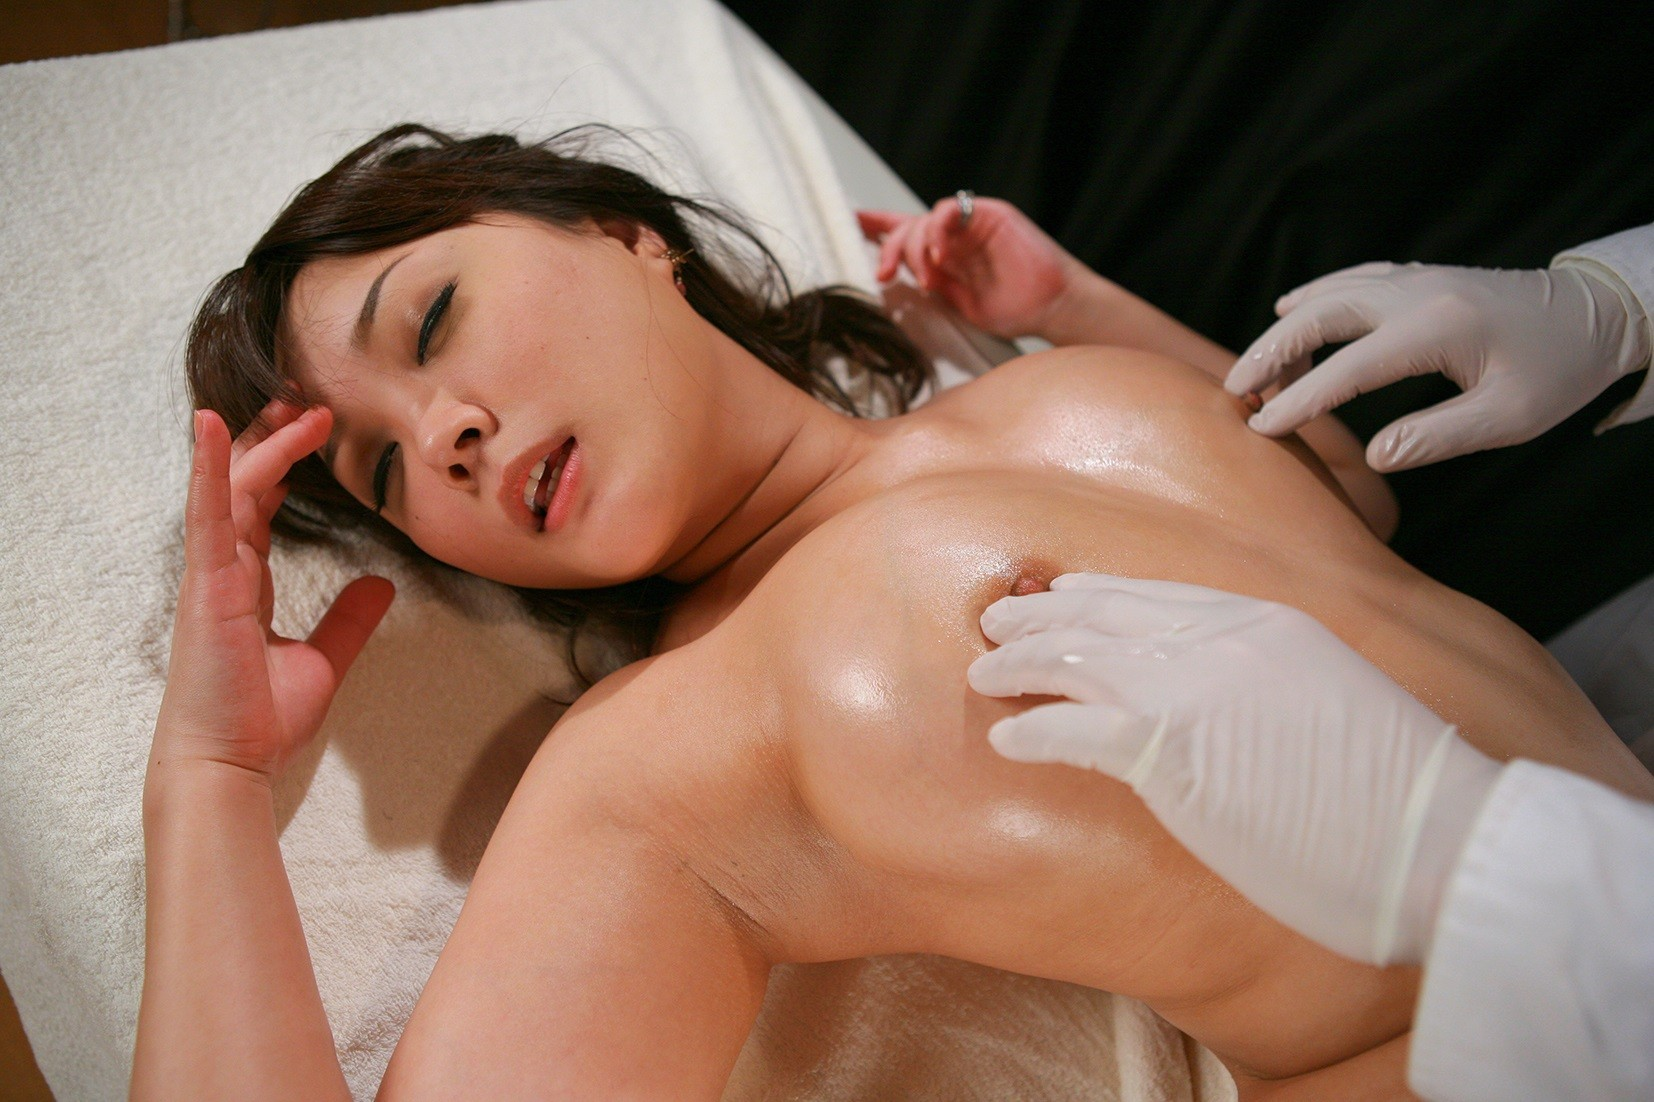 美乳がヌルヌル 44